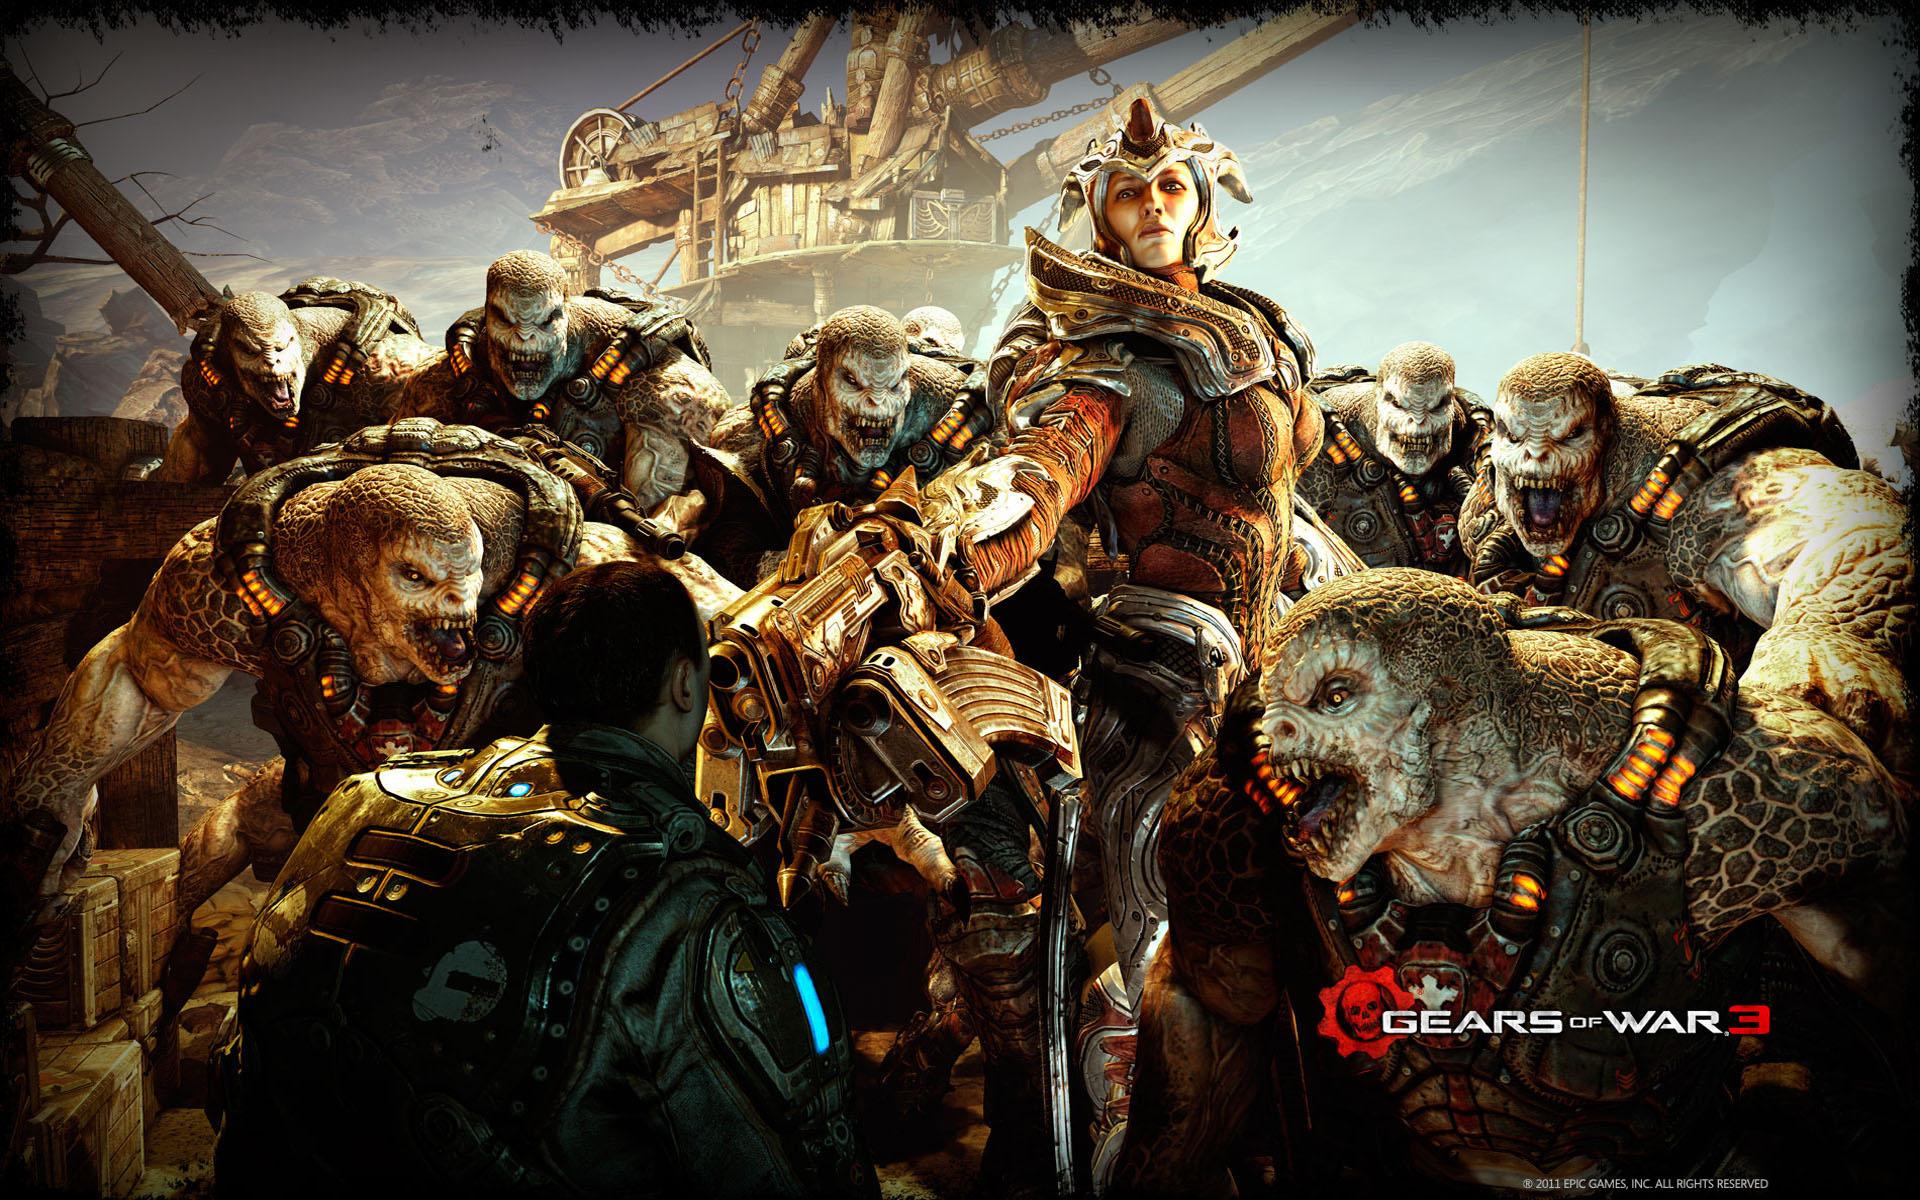 gears of war 3 2011 widejpg 1920x1200